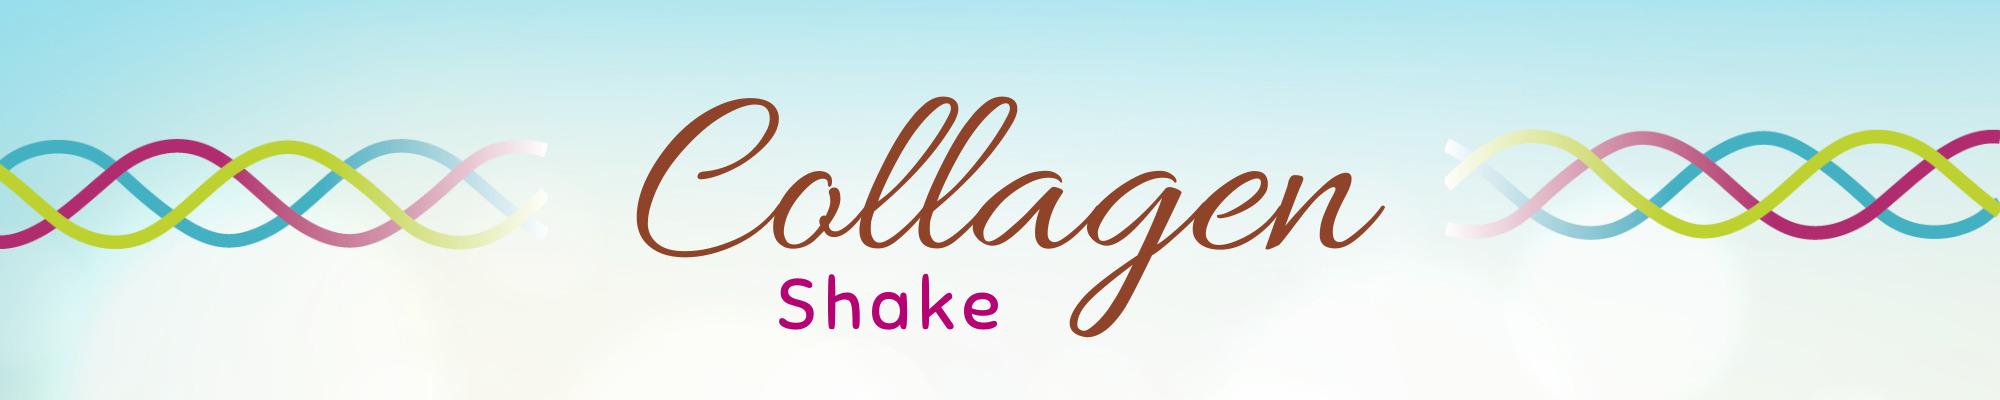 Collagen Shake